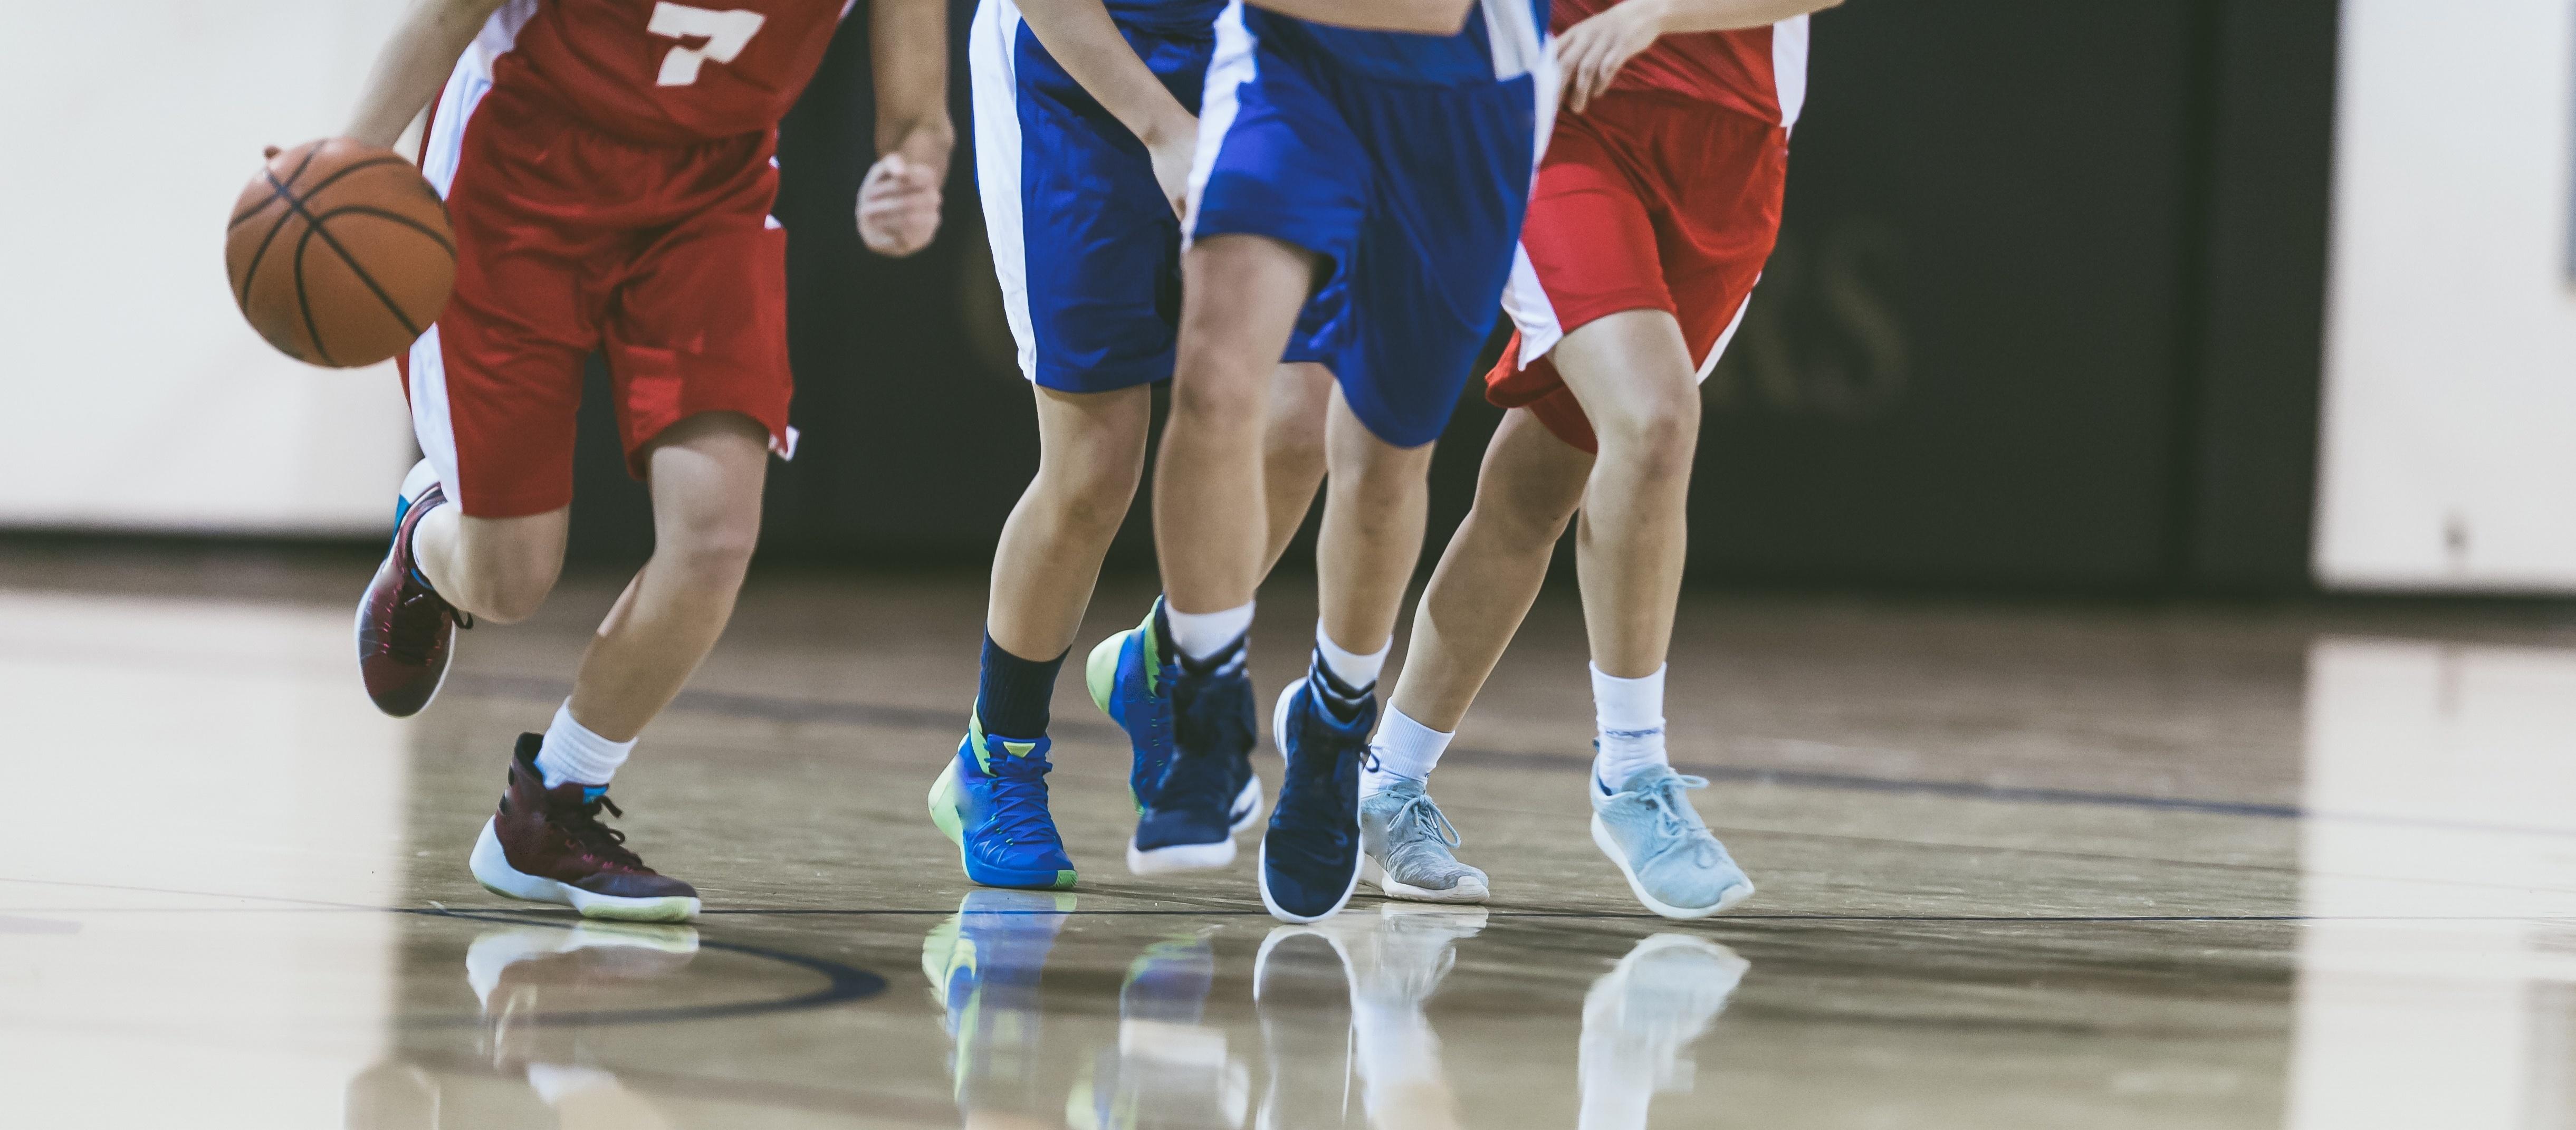 boys_playing_basketball